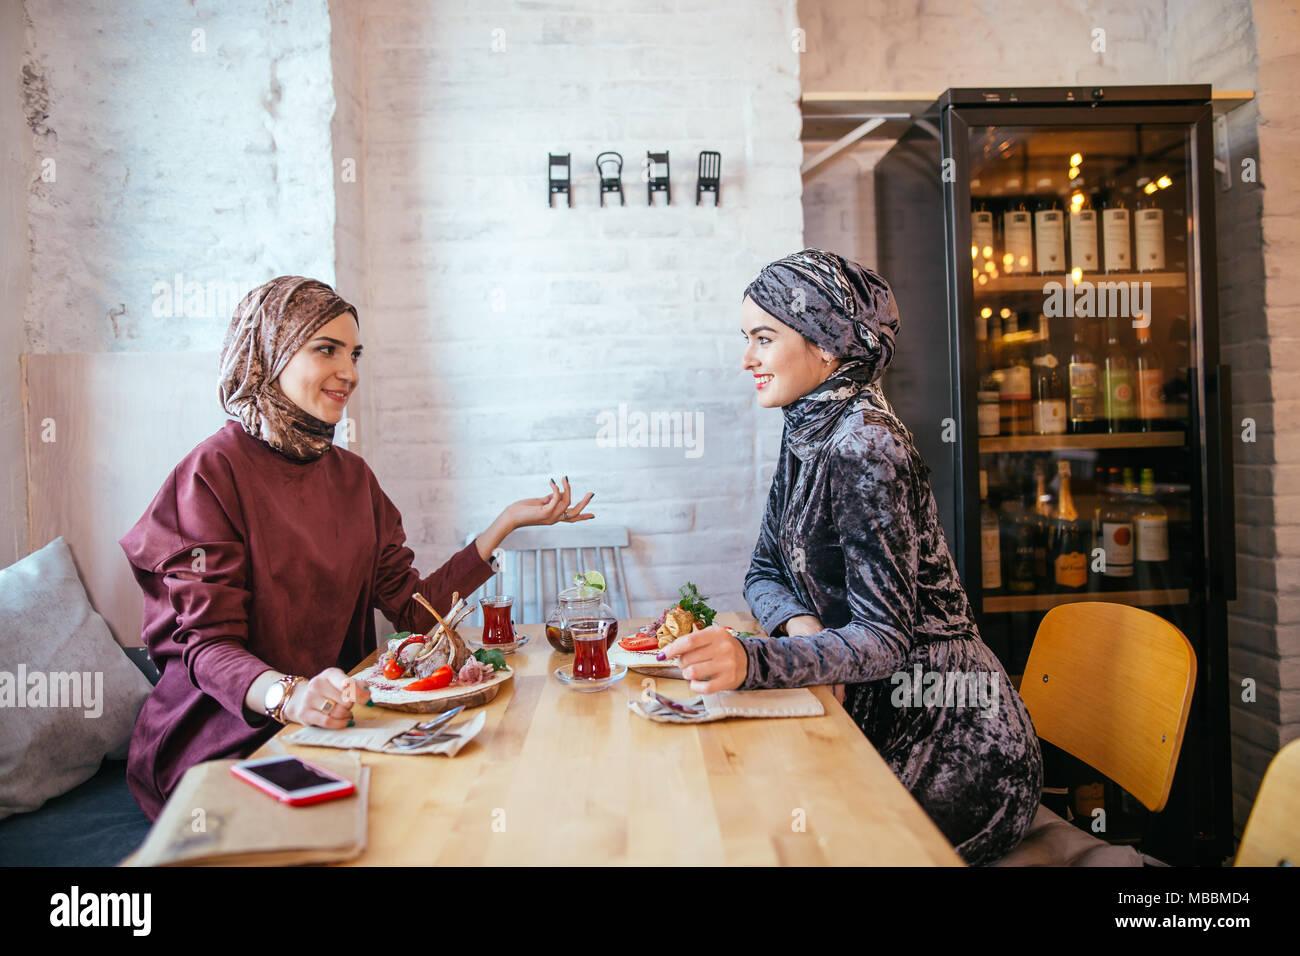 Dos mujeres musulmanas en cafe, reunión de amigos Imagen De Stock